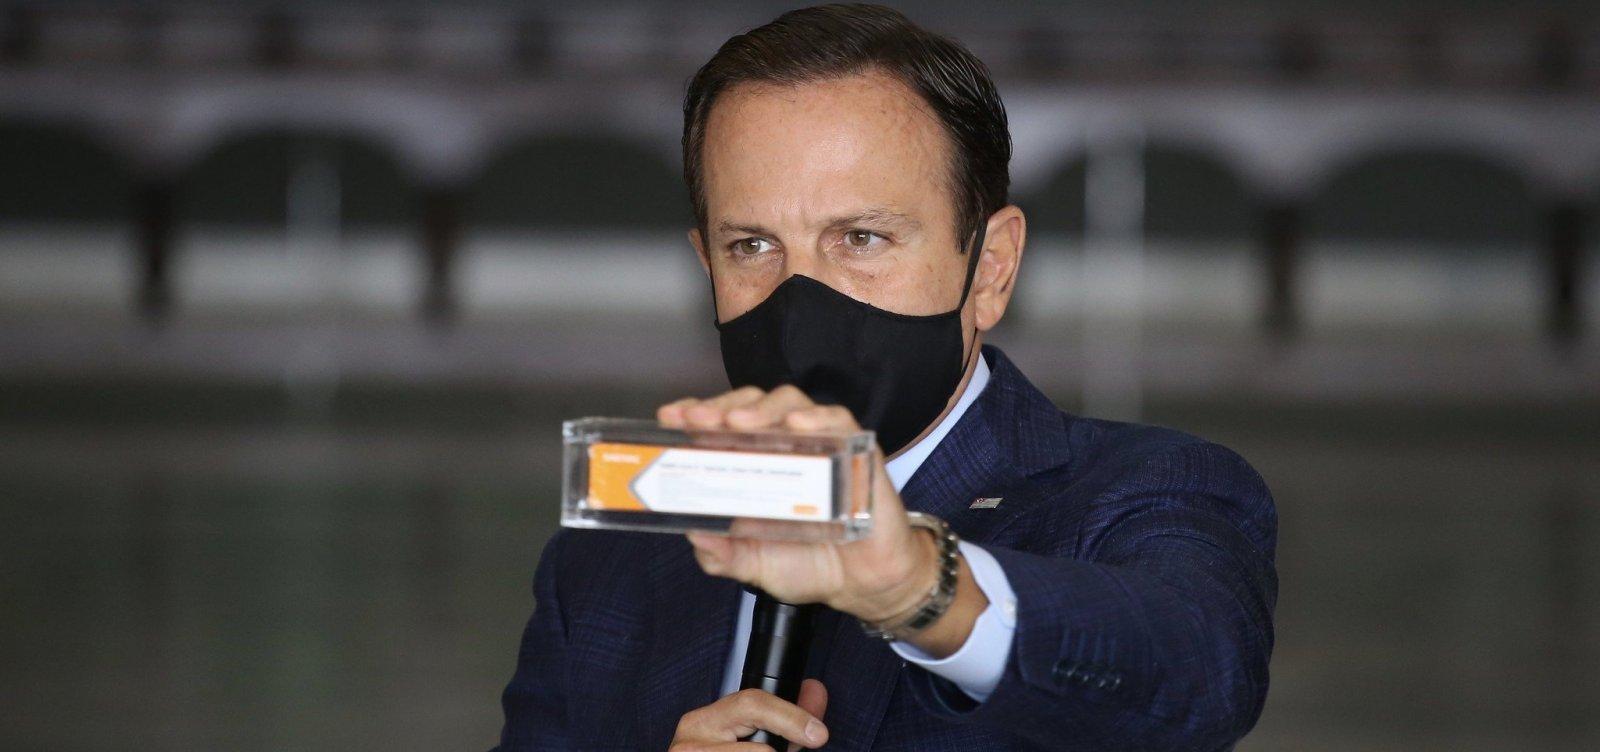 Vacinação contra a Covid-19 será anual e estará disponível em dezembro, diz Doria